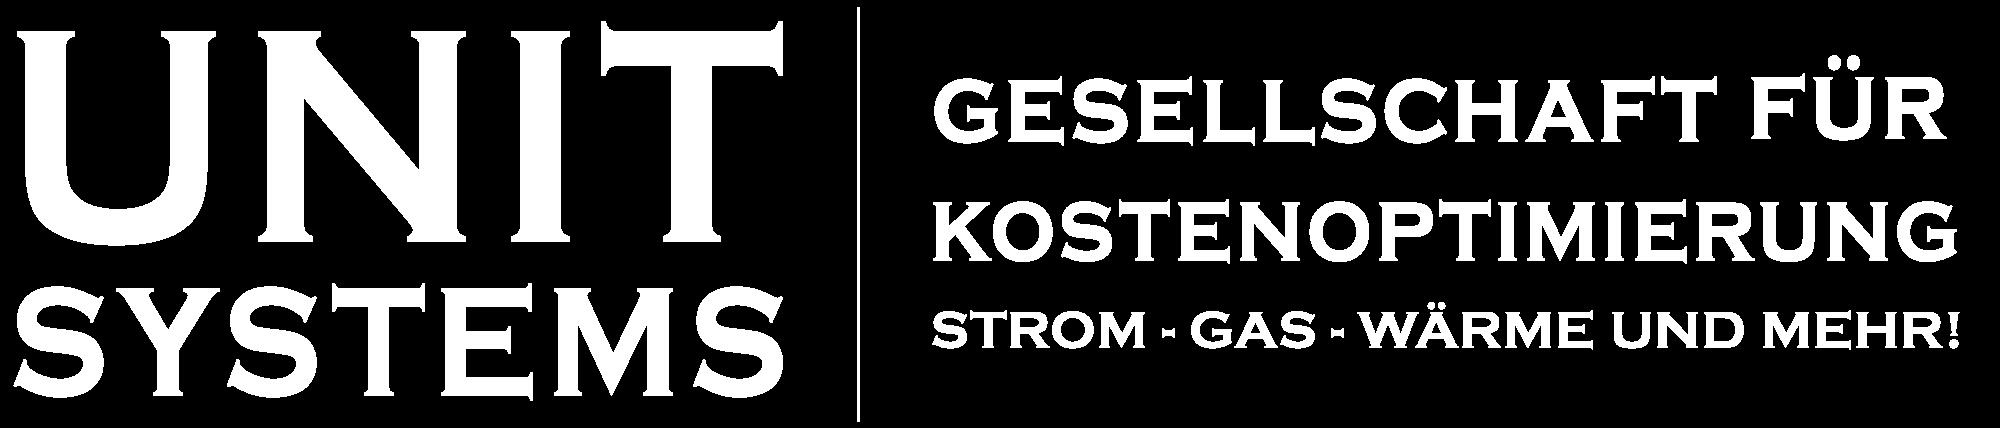 unitsystem-UG-logo-white